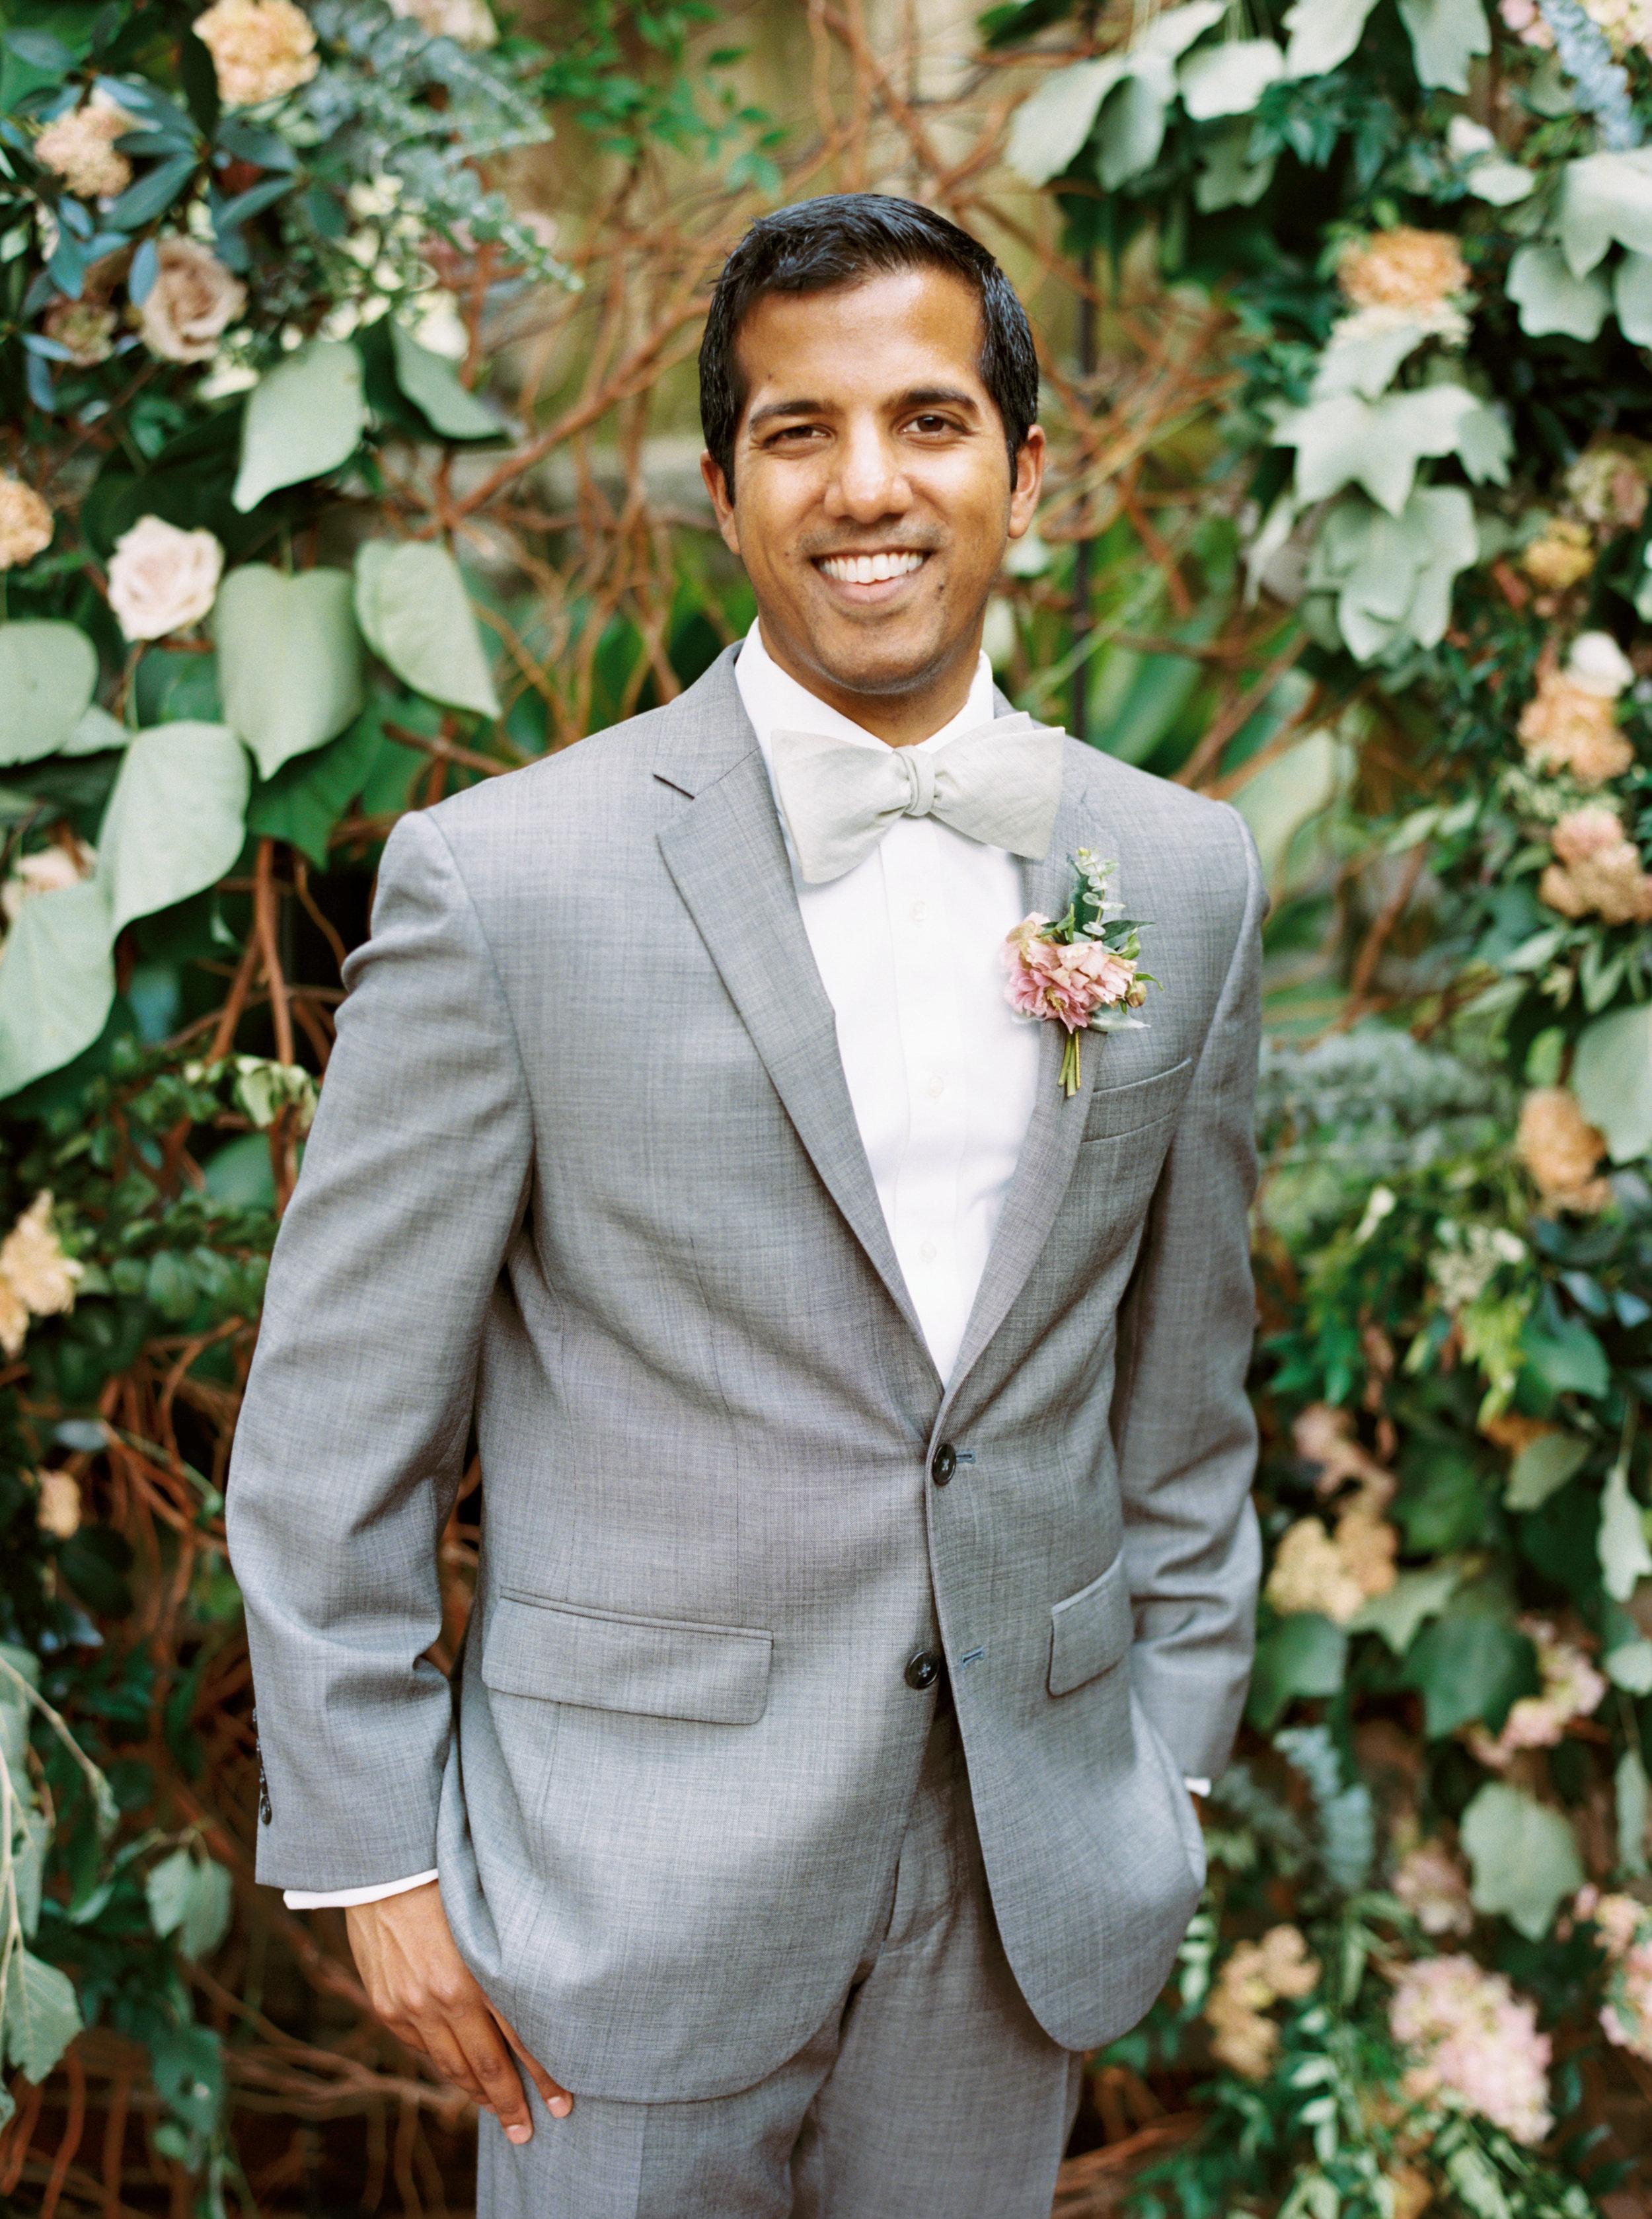 Wahoo_Grill_Atlanta_Indian_Wedding_Abigail_Malone_Photgoraphy_FIlm-77.jpg